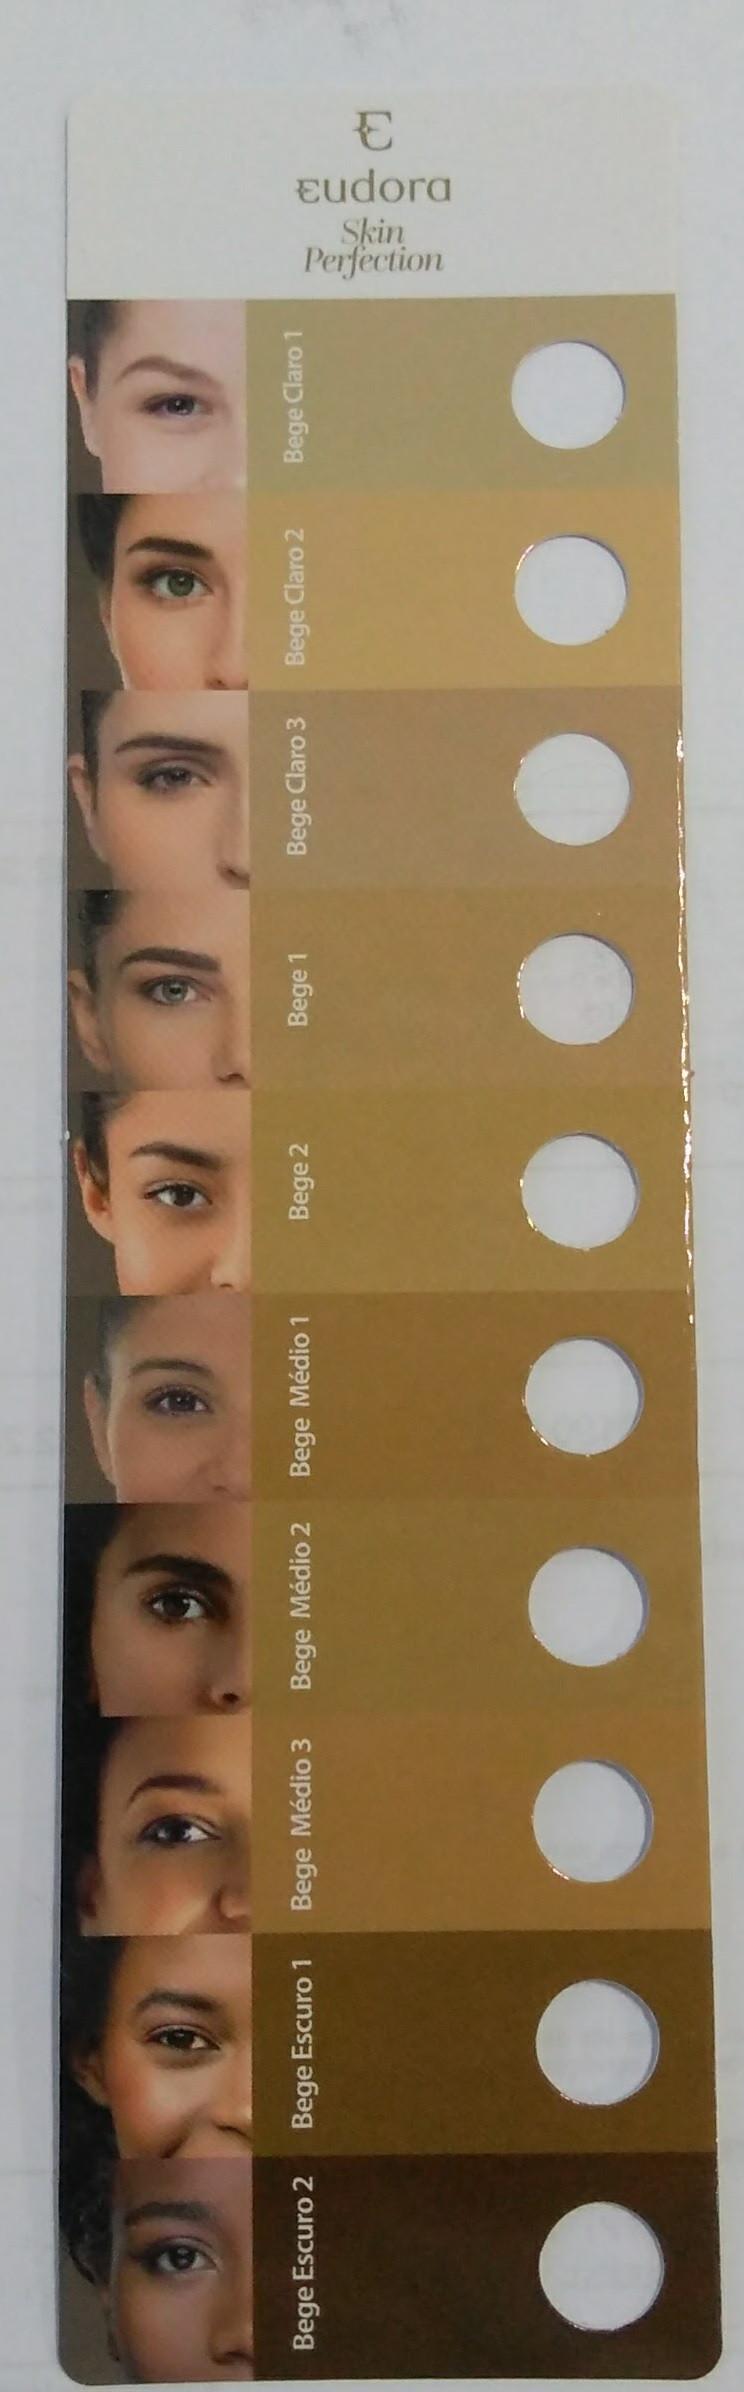 Tabela de Cores da Base Skin Perfection